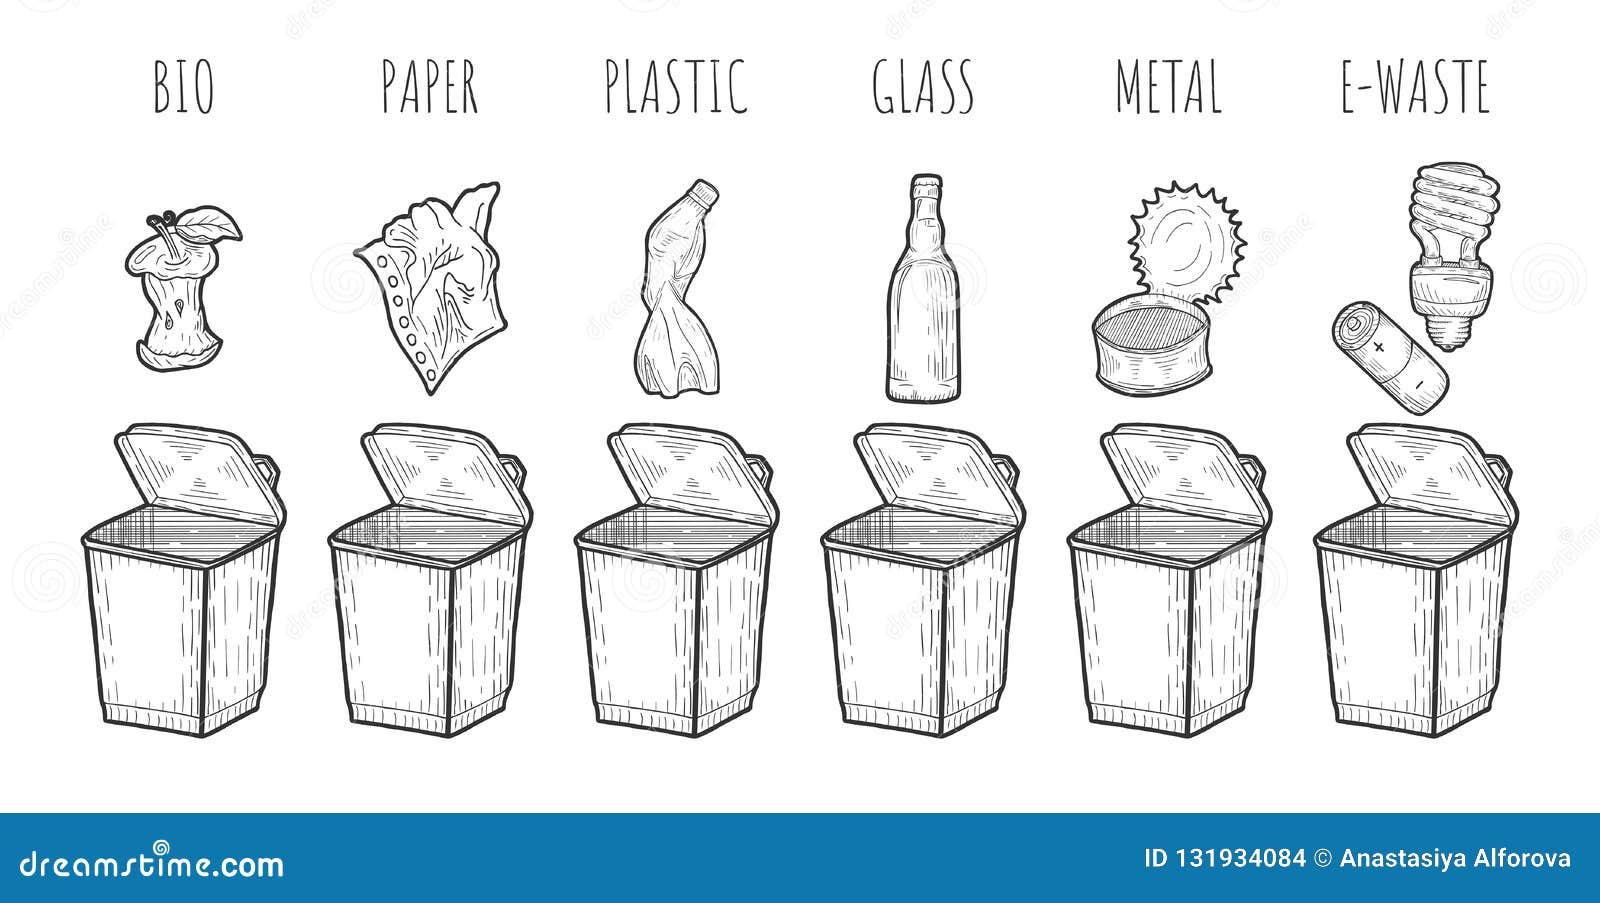 Lixo que classifica o processo